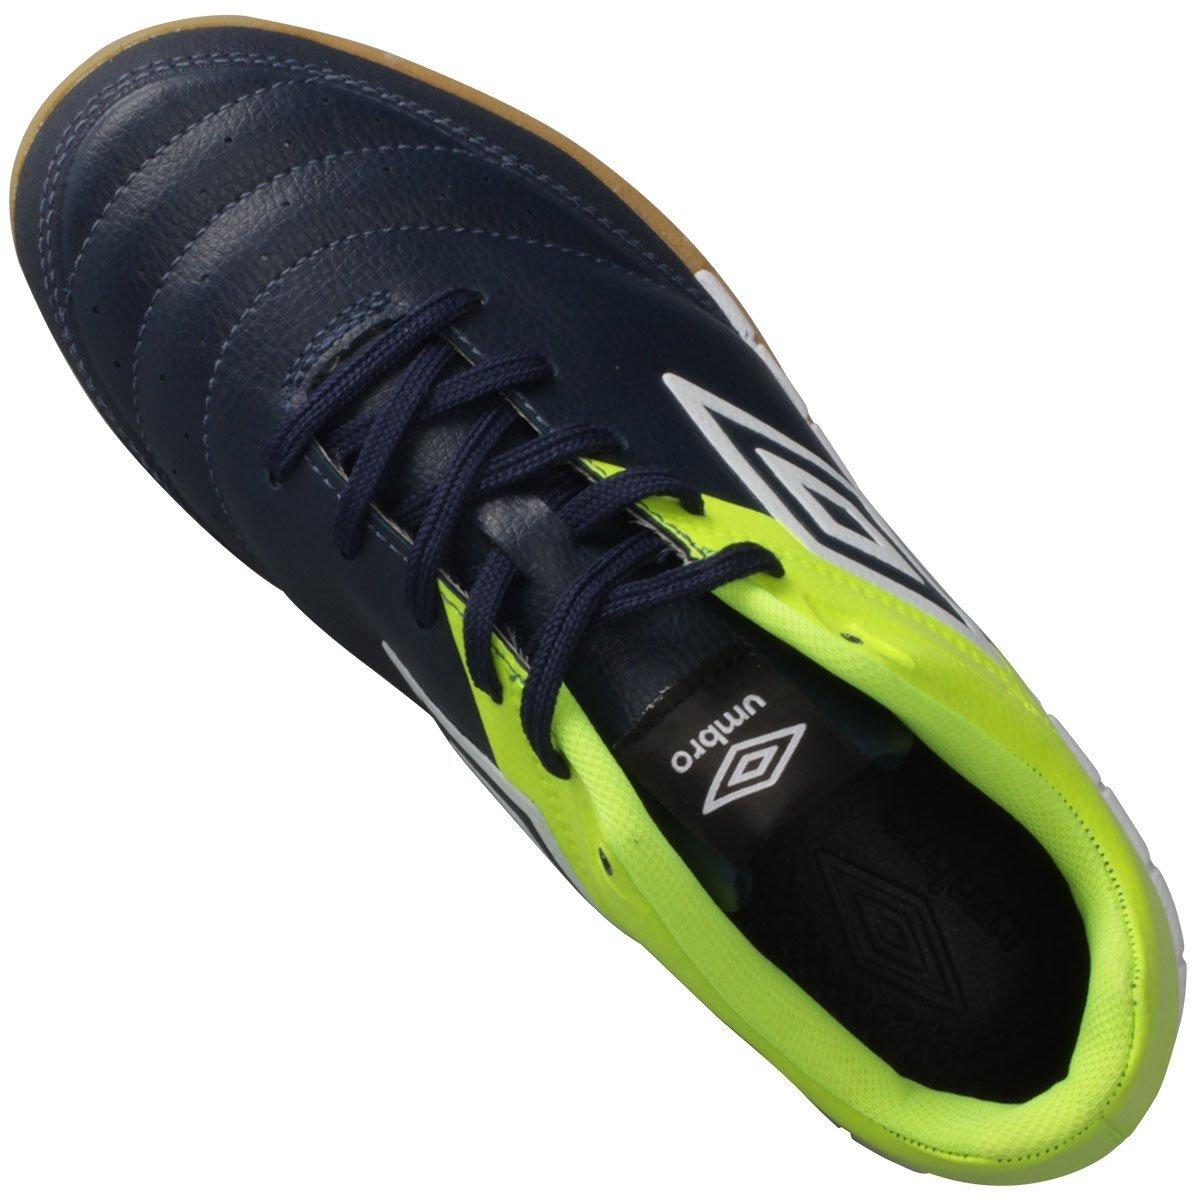 Tênis Umbro Indoor Diamond II Futsal - Compre Agora  d4c1c4d32c672